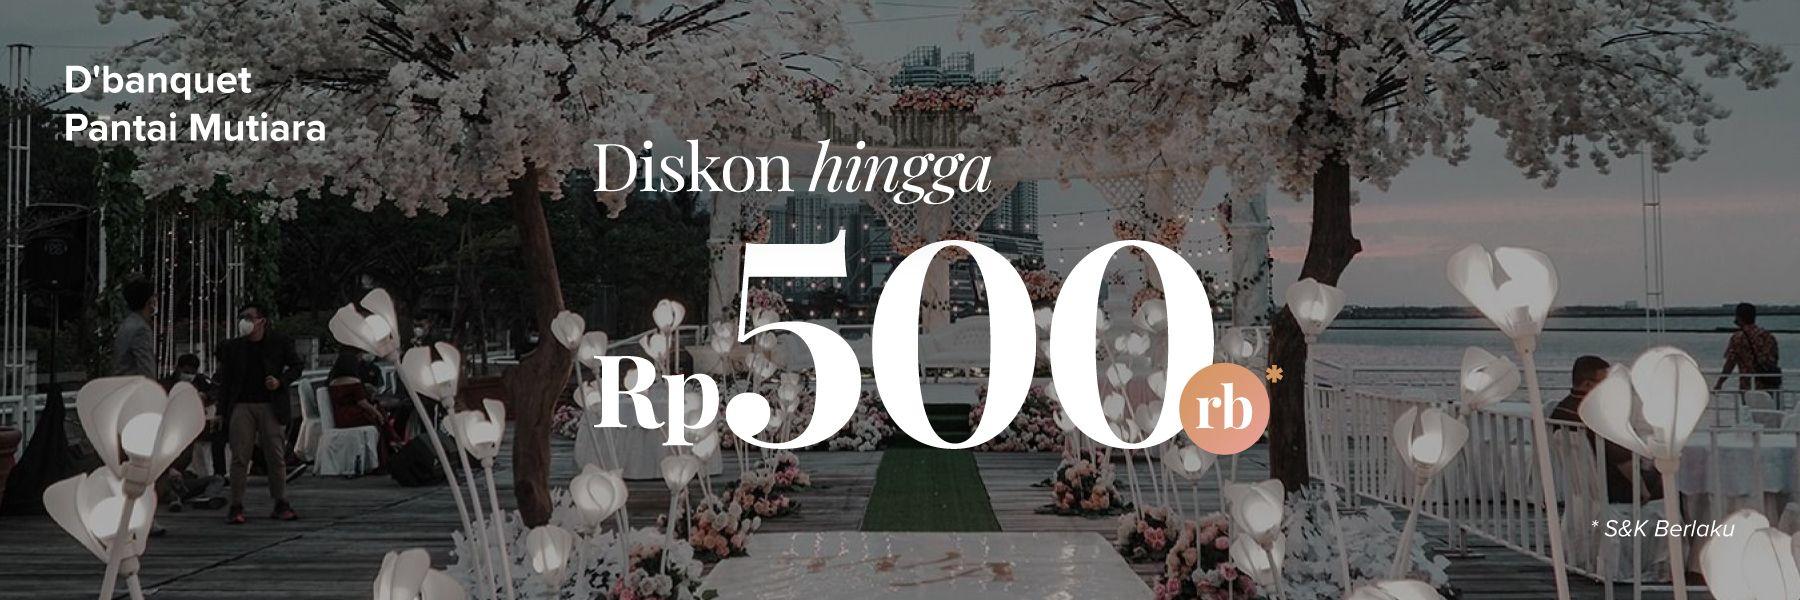 Hemat Hingga 500 Ribu untuk Venue D Banquet Pantai Mutiara